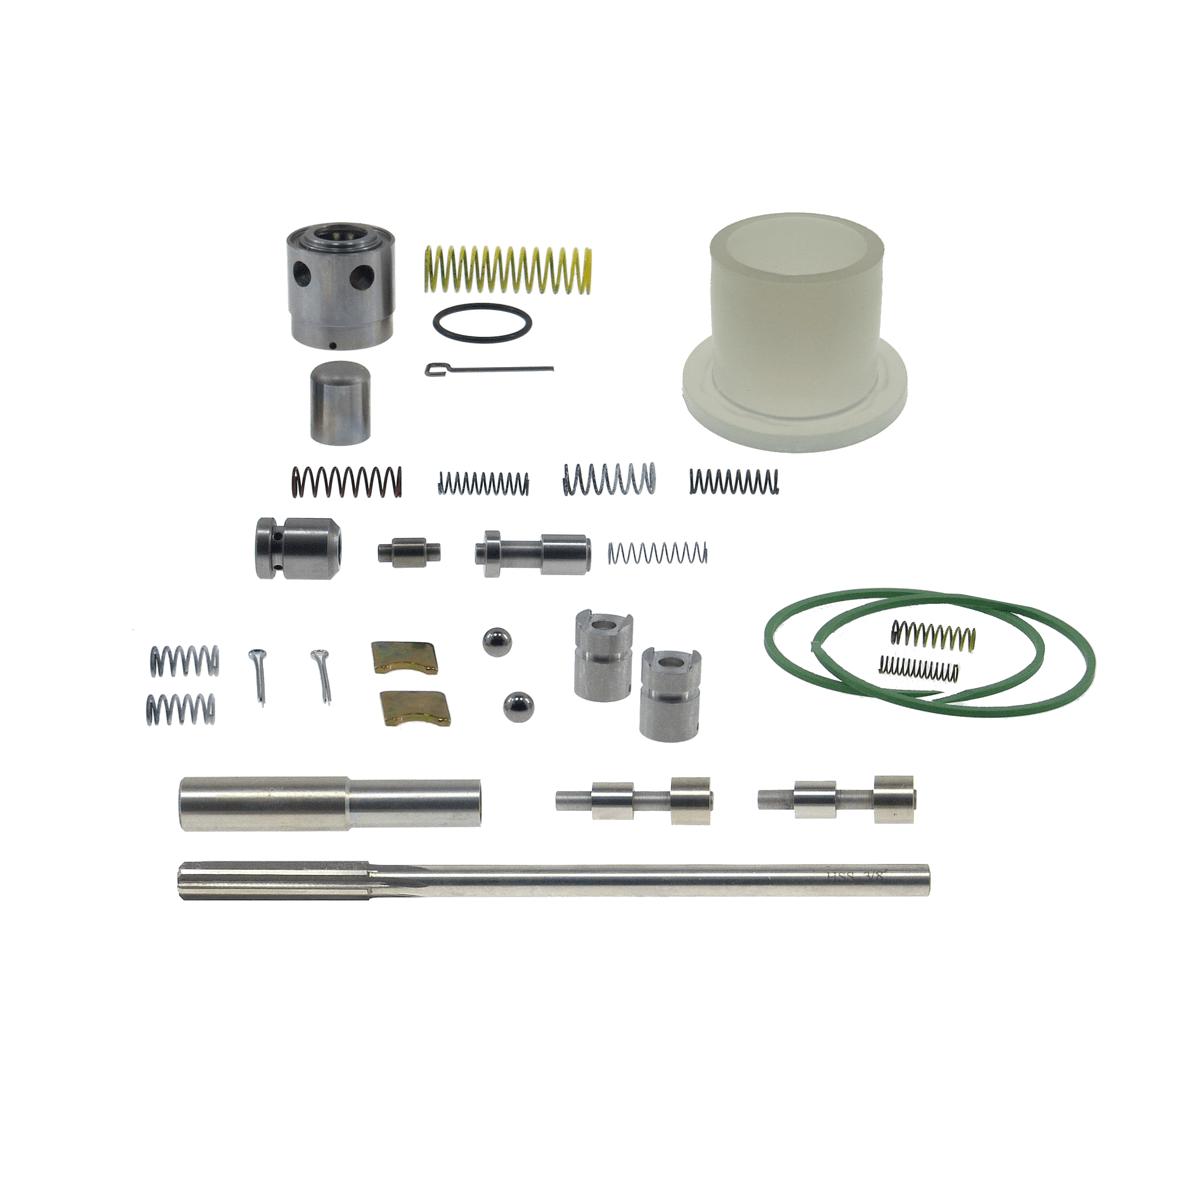 5r55 reprogramming kit